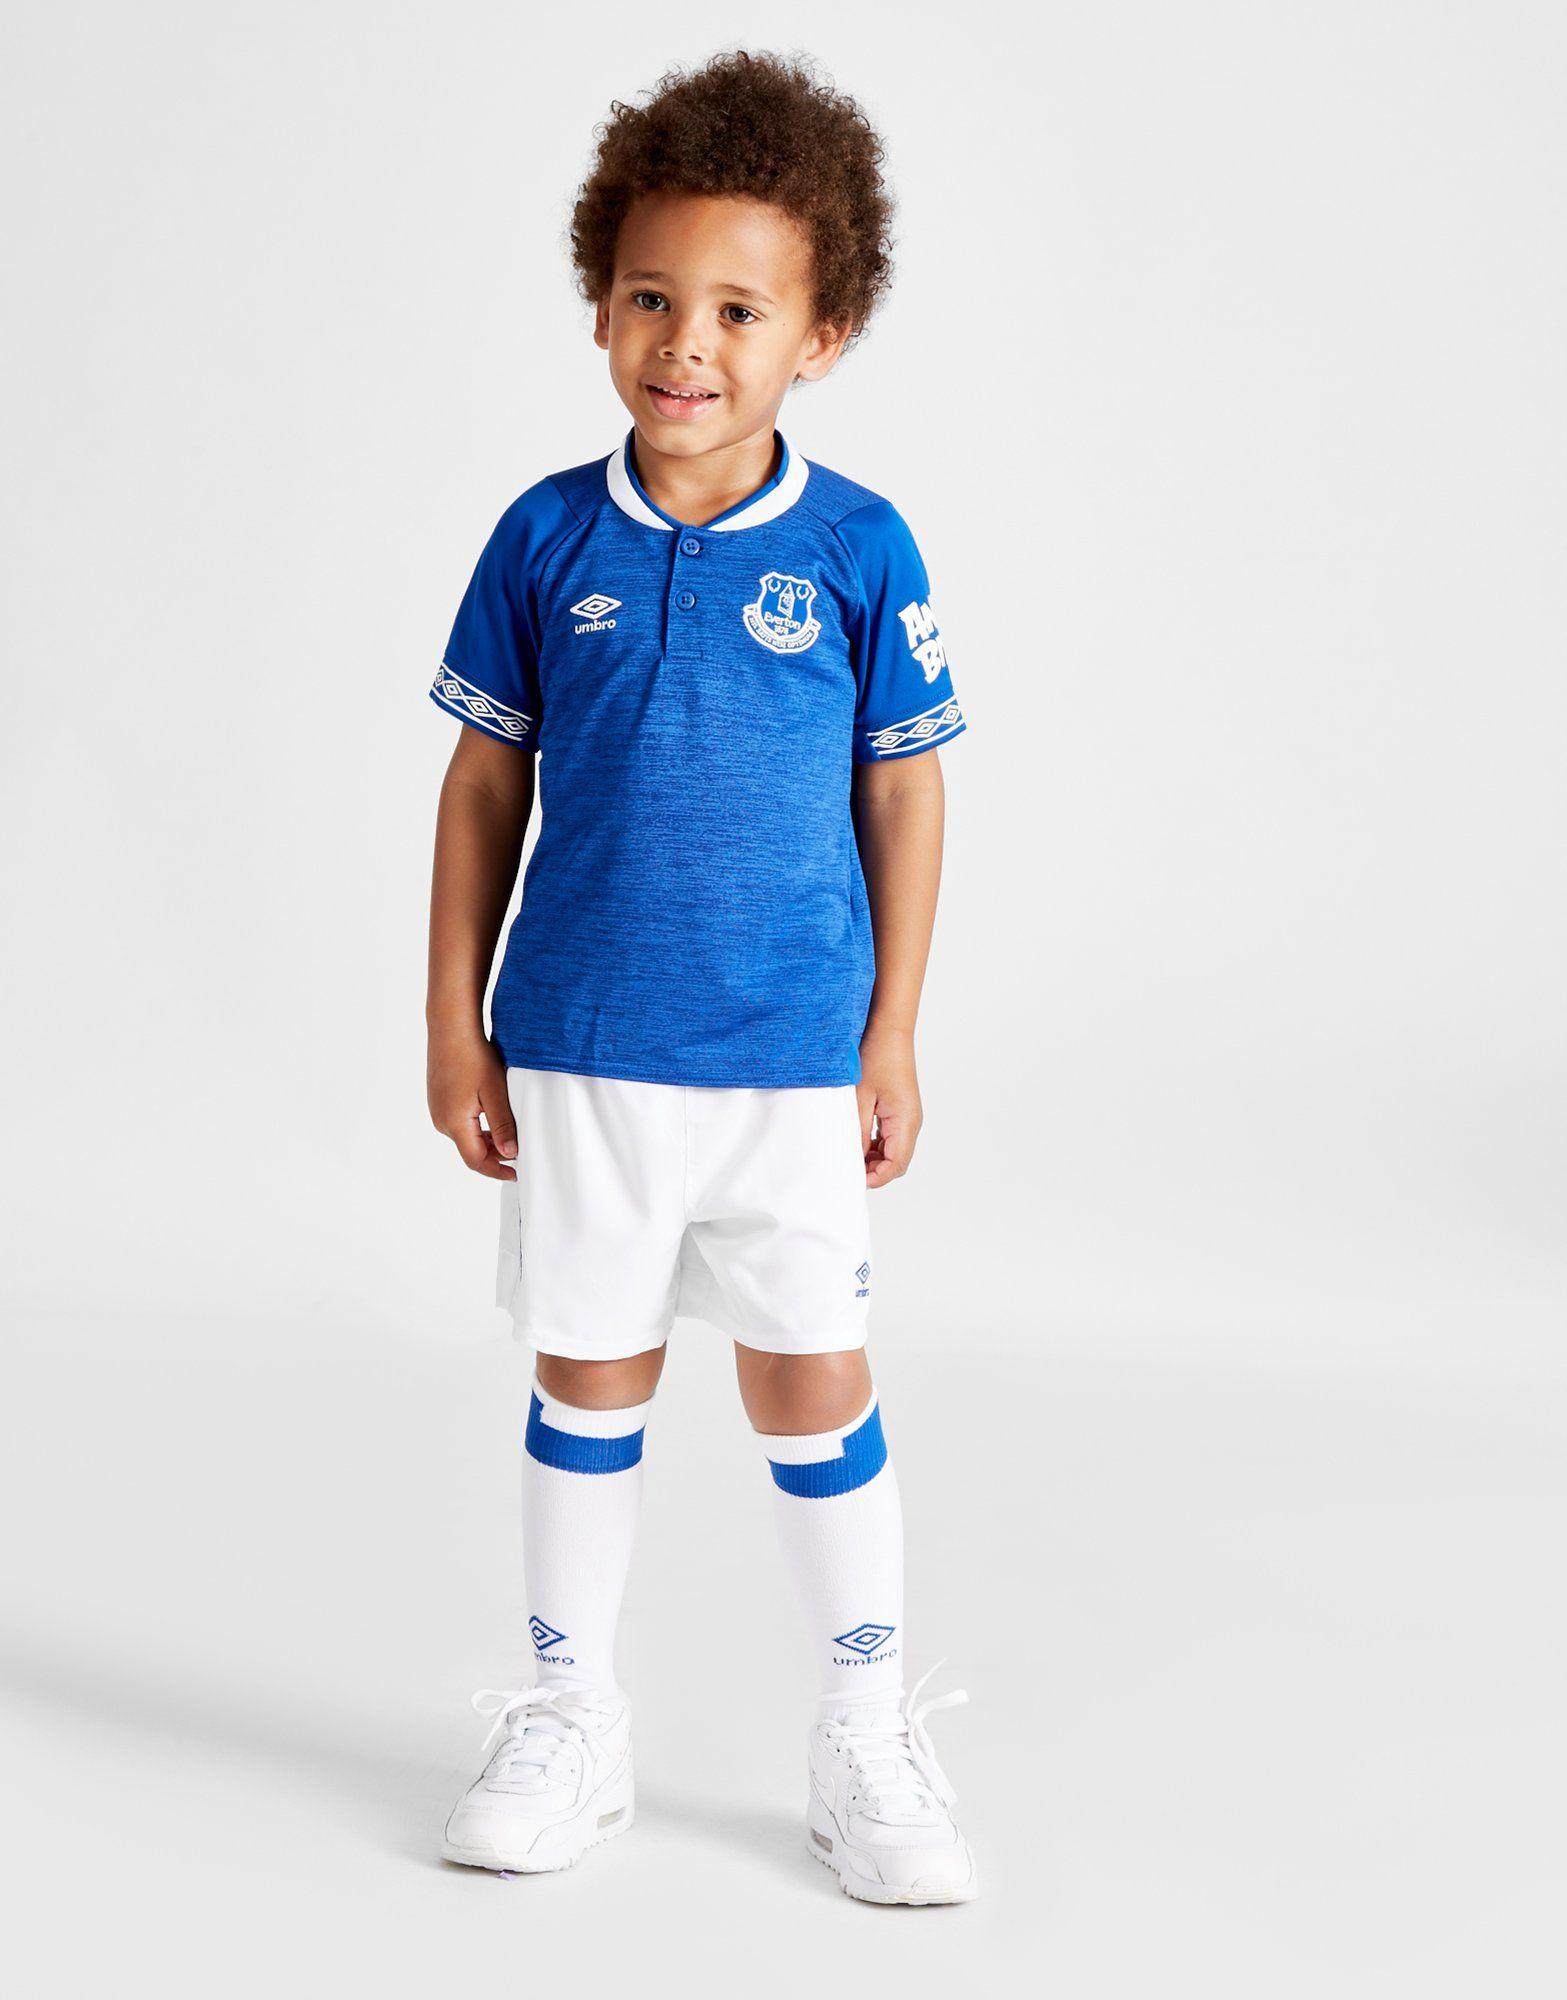 7ba238ab3 Umbro Everton FC 2018 19 Home Kit Children